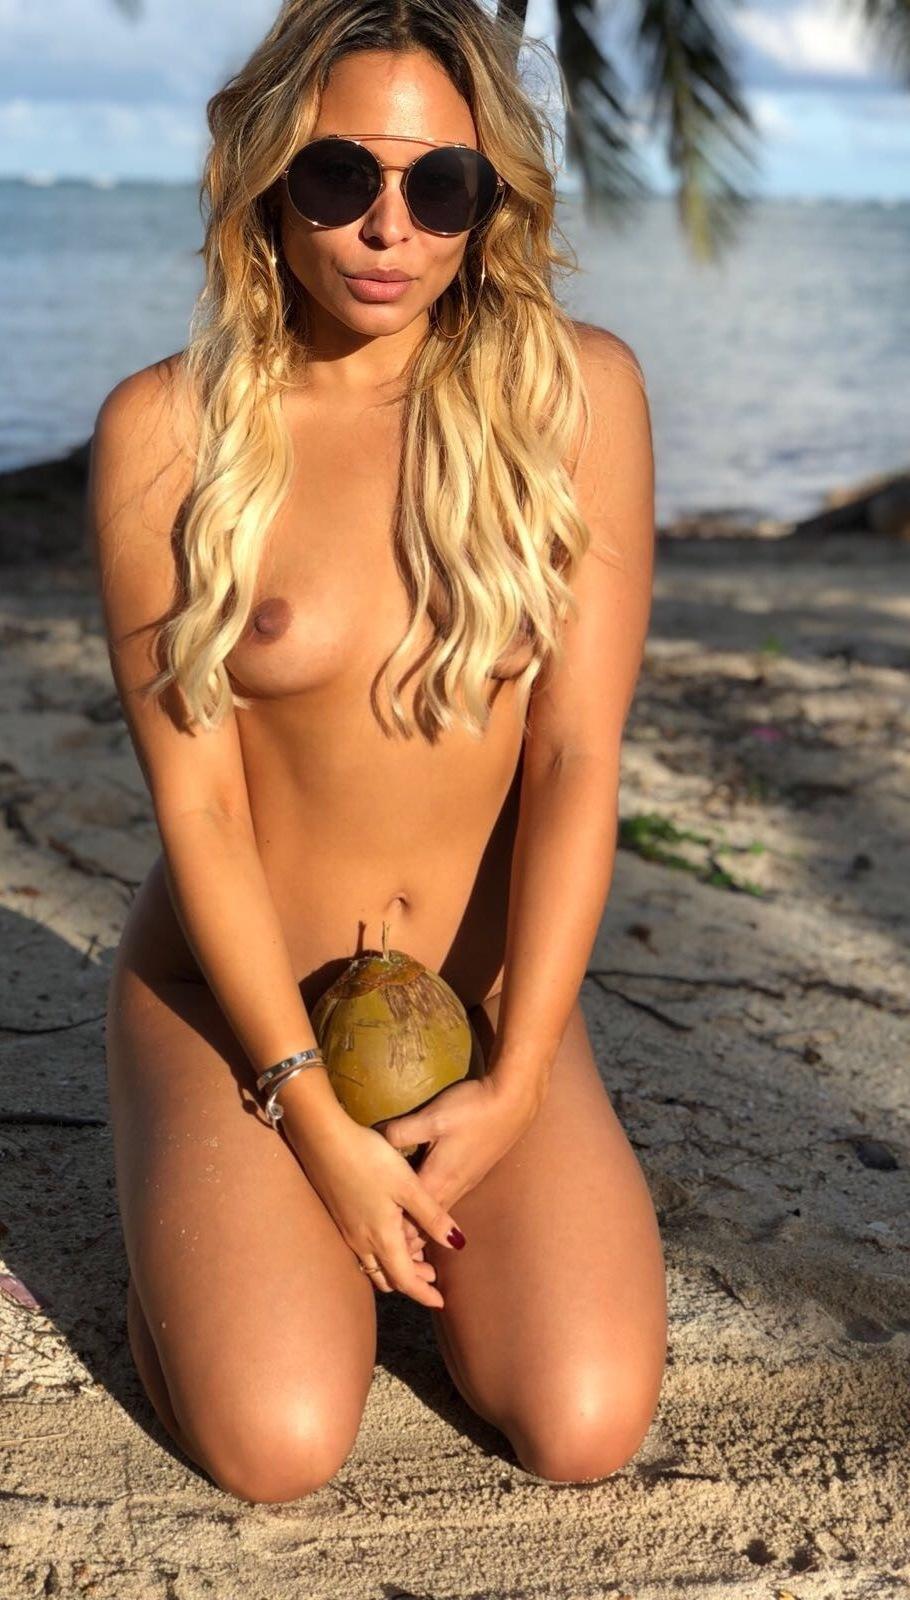 Patrizia Yanguela Patriziayanguela Onlyfans Nudes Leaks 0020